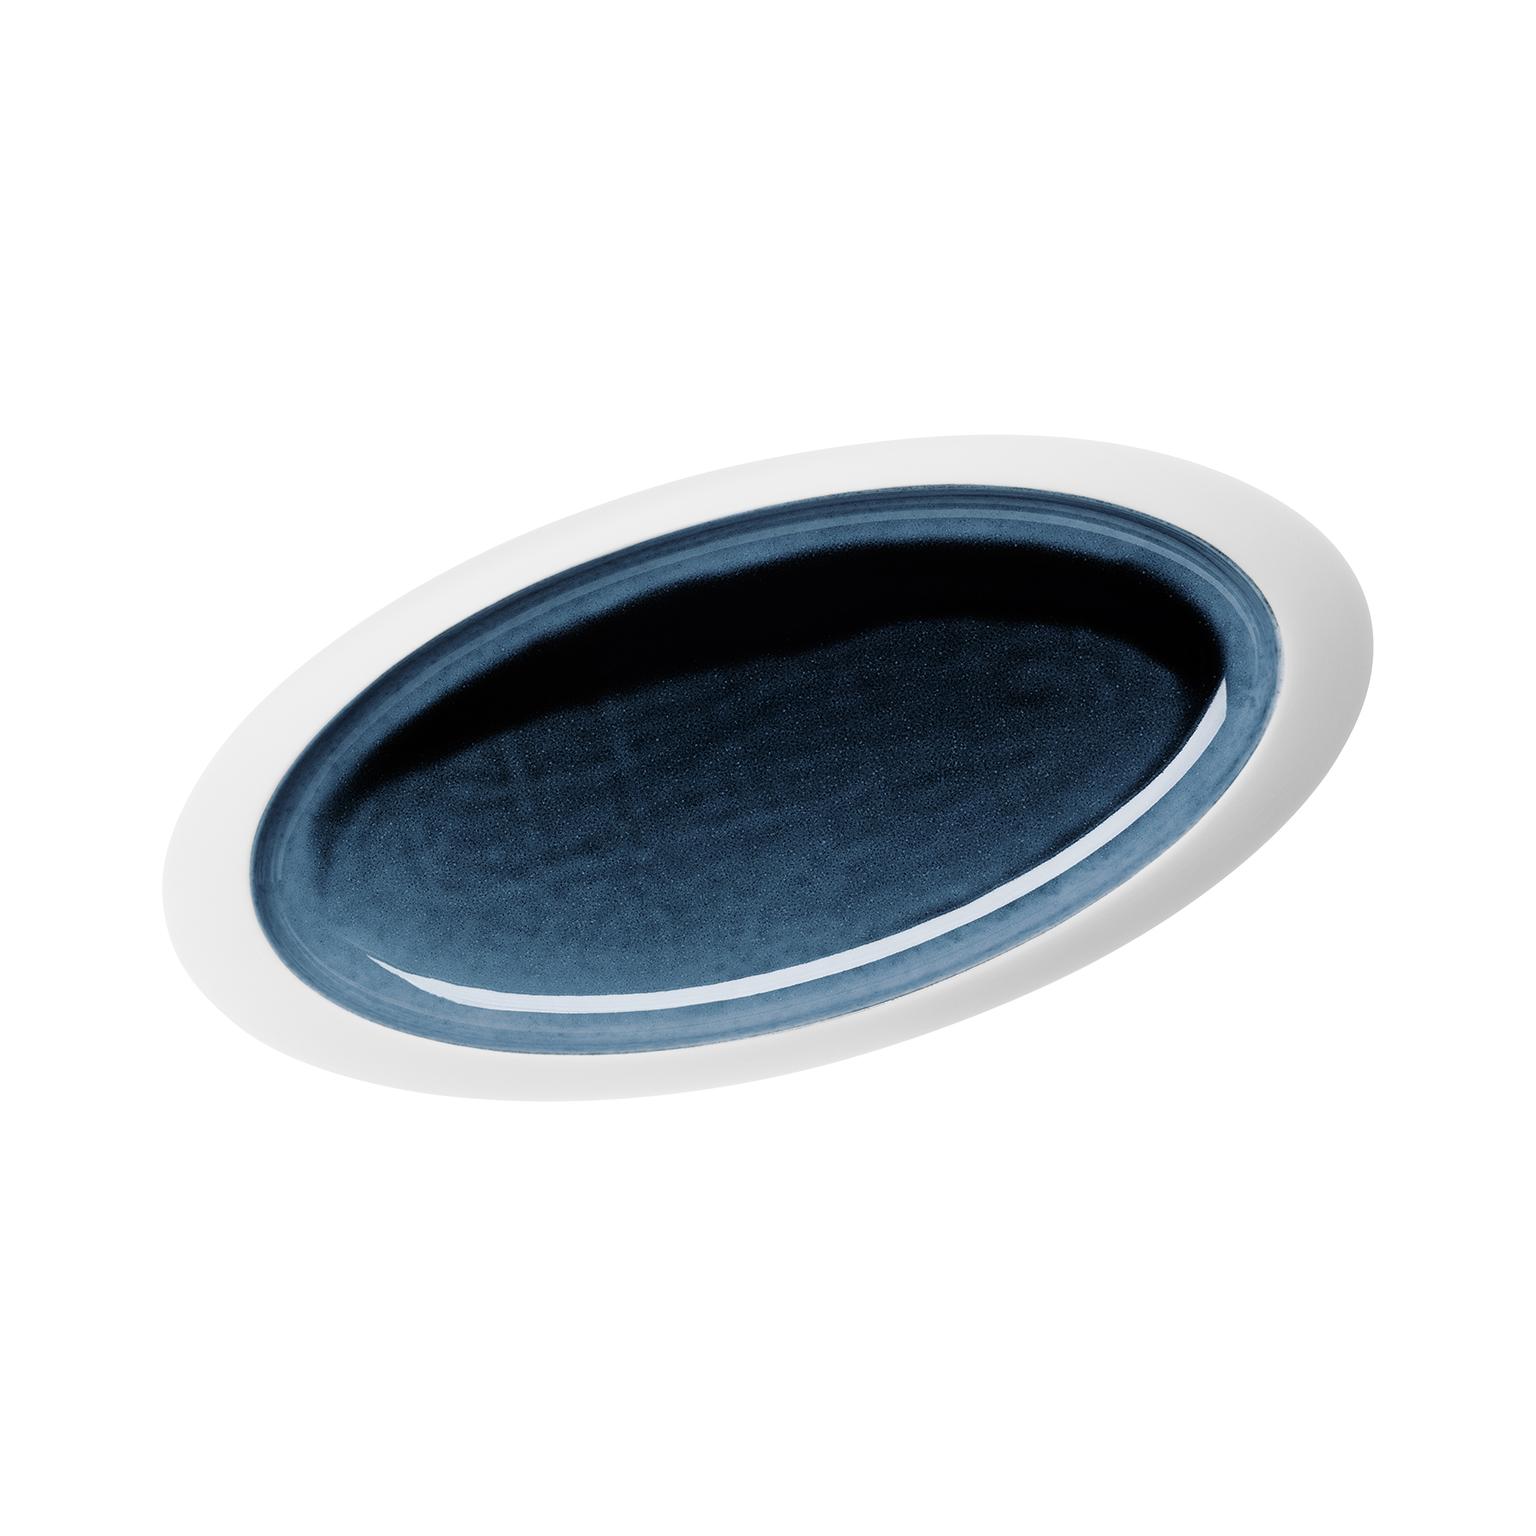 Hering Berlin Ovale Platte Blue Silent